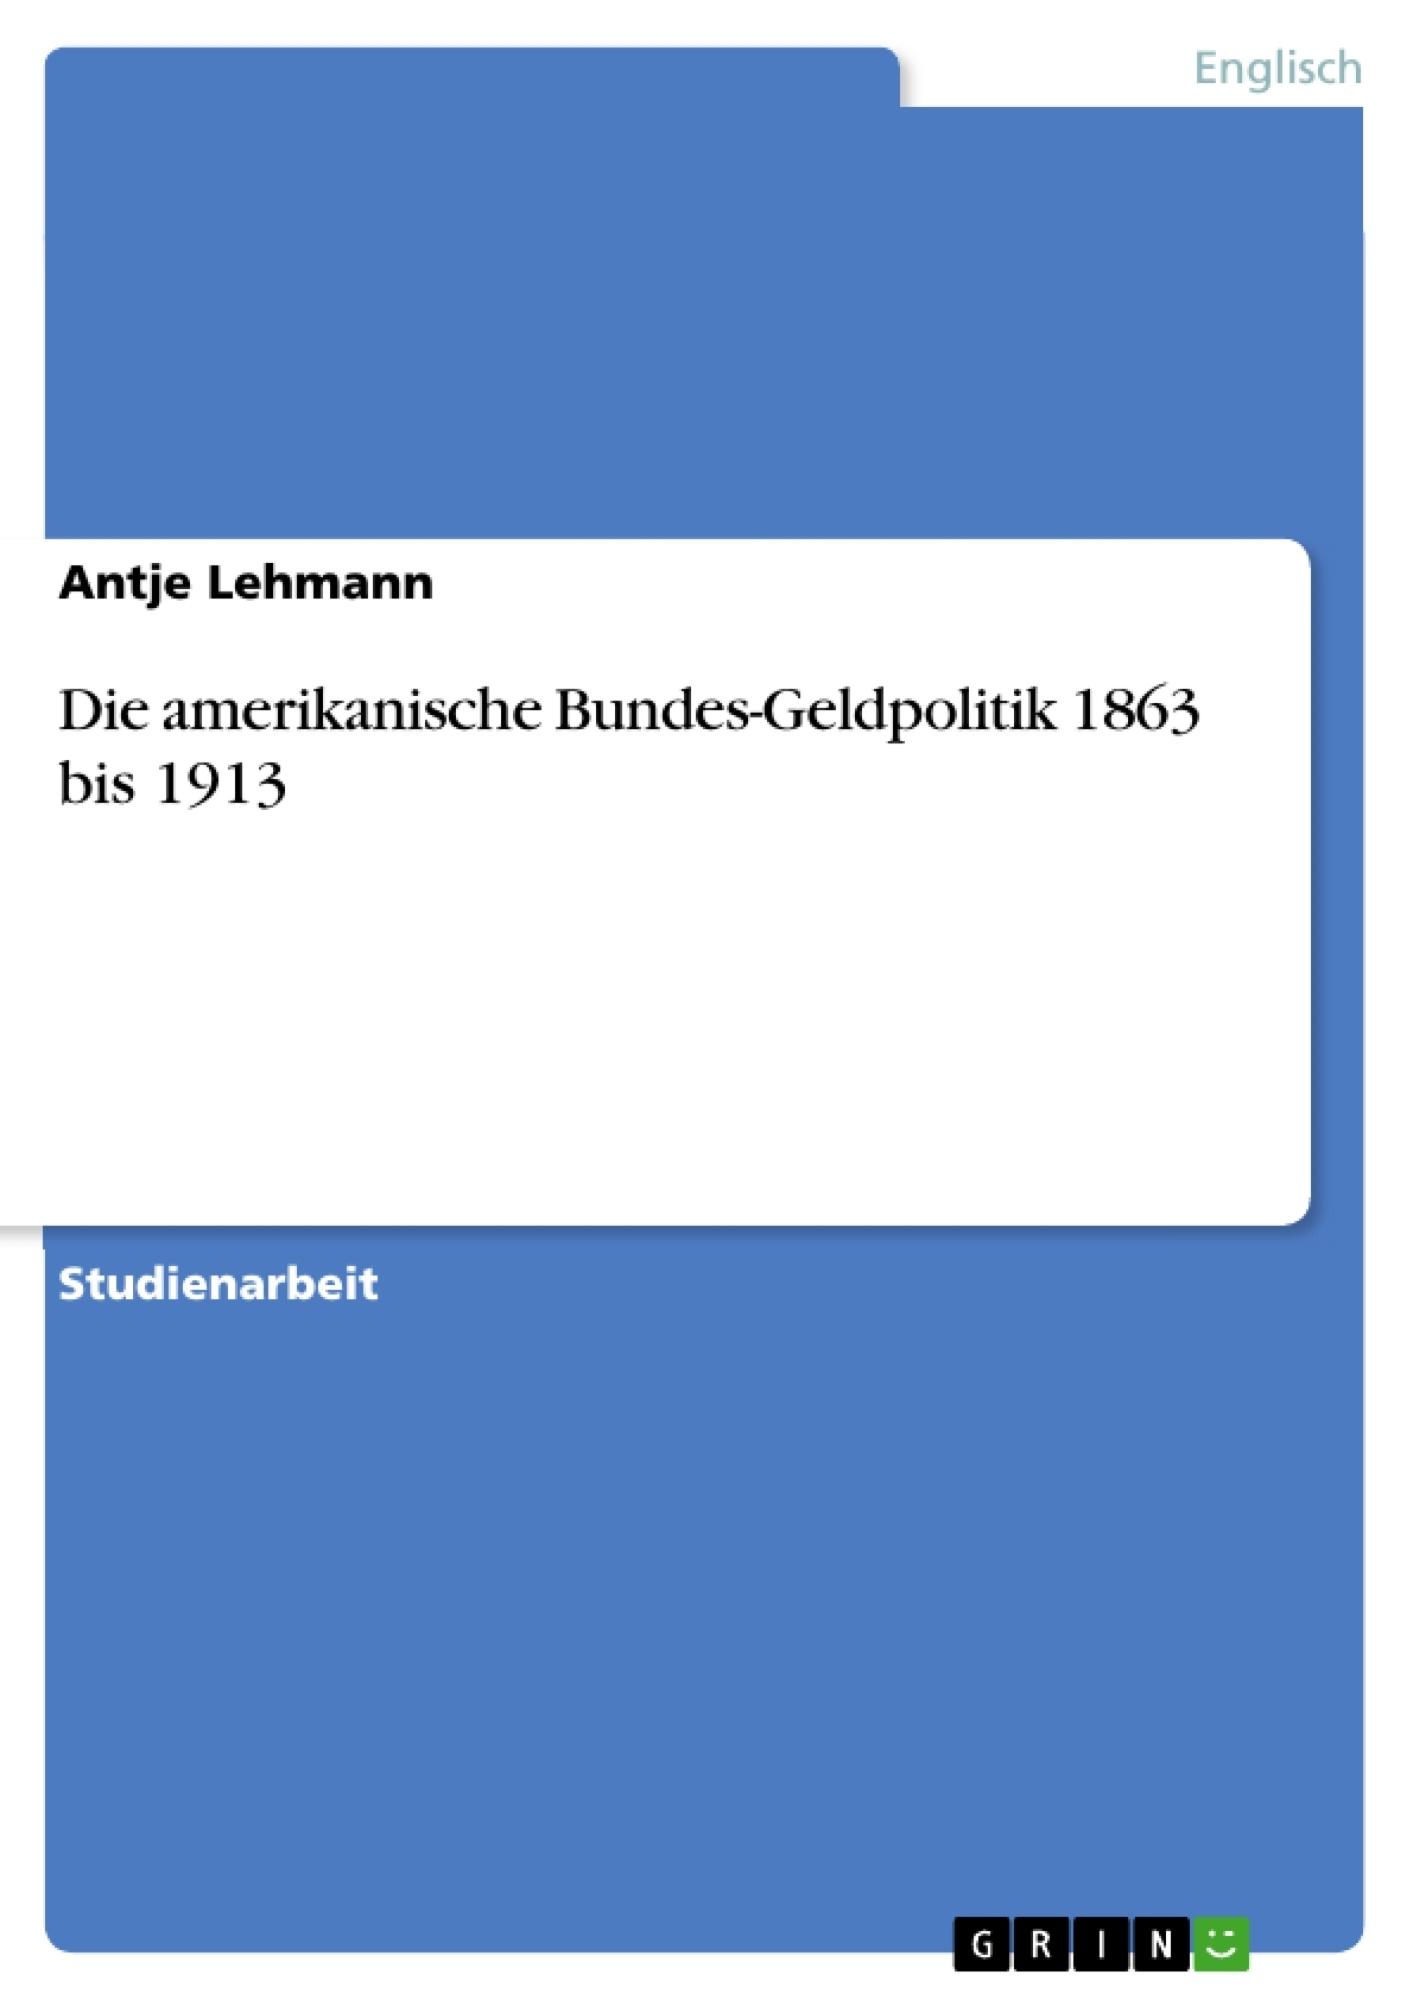 Titel: Die amerikanische Bundes-Geldpolitik 1863 bis 1913